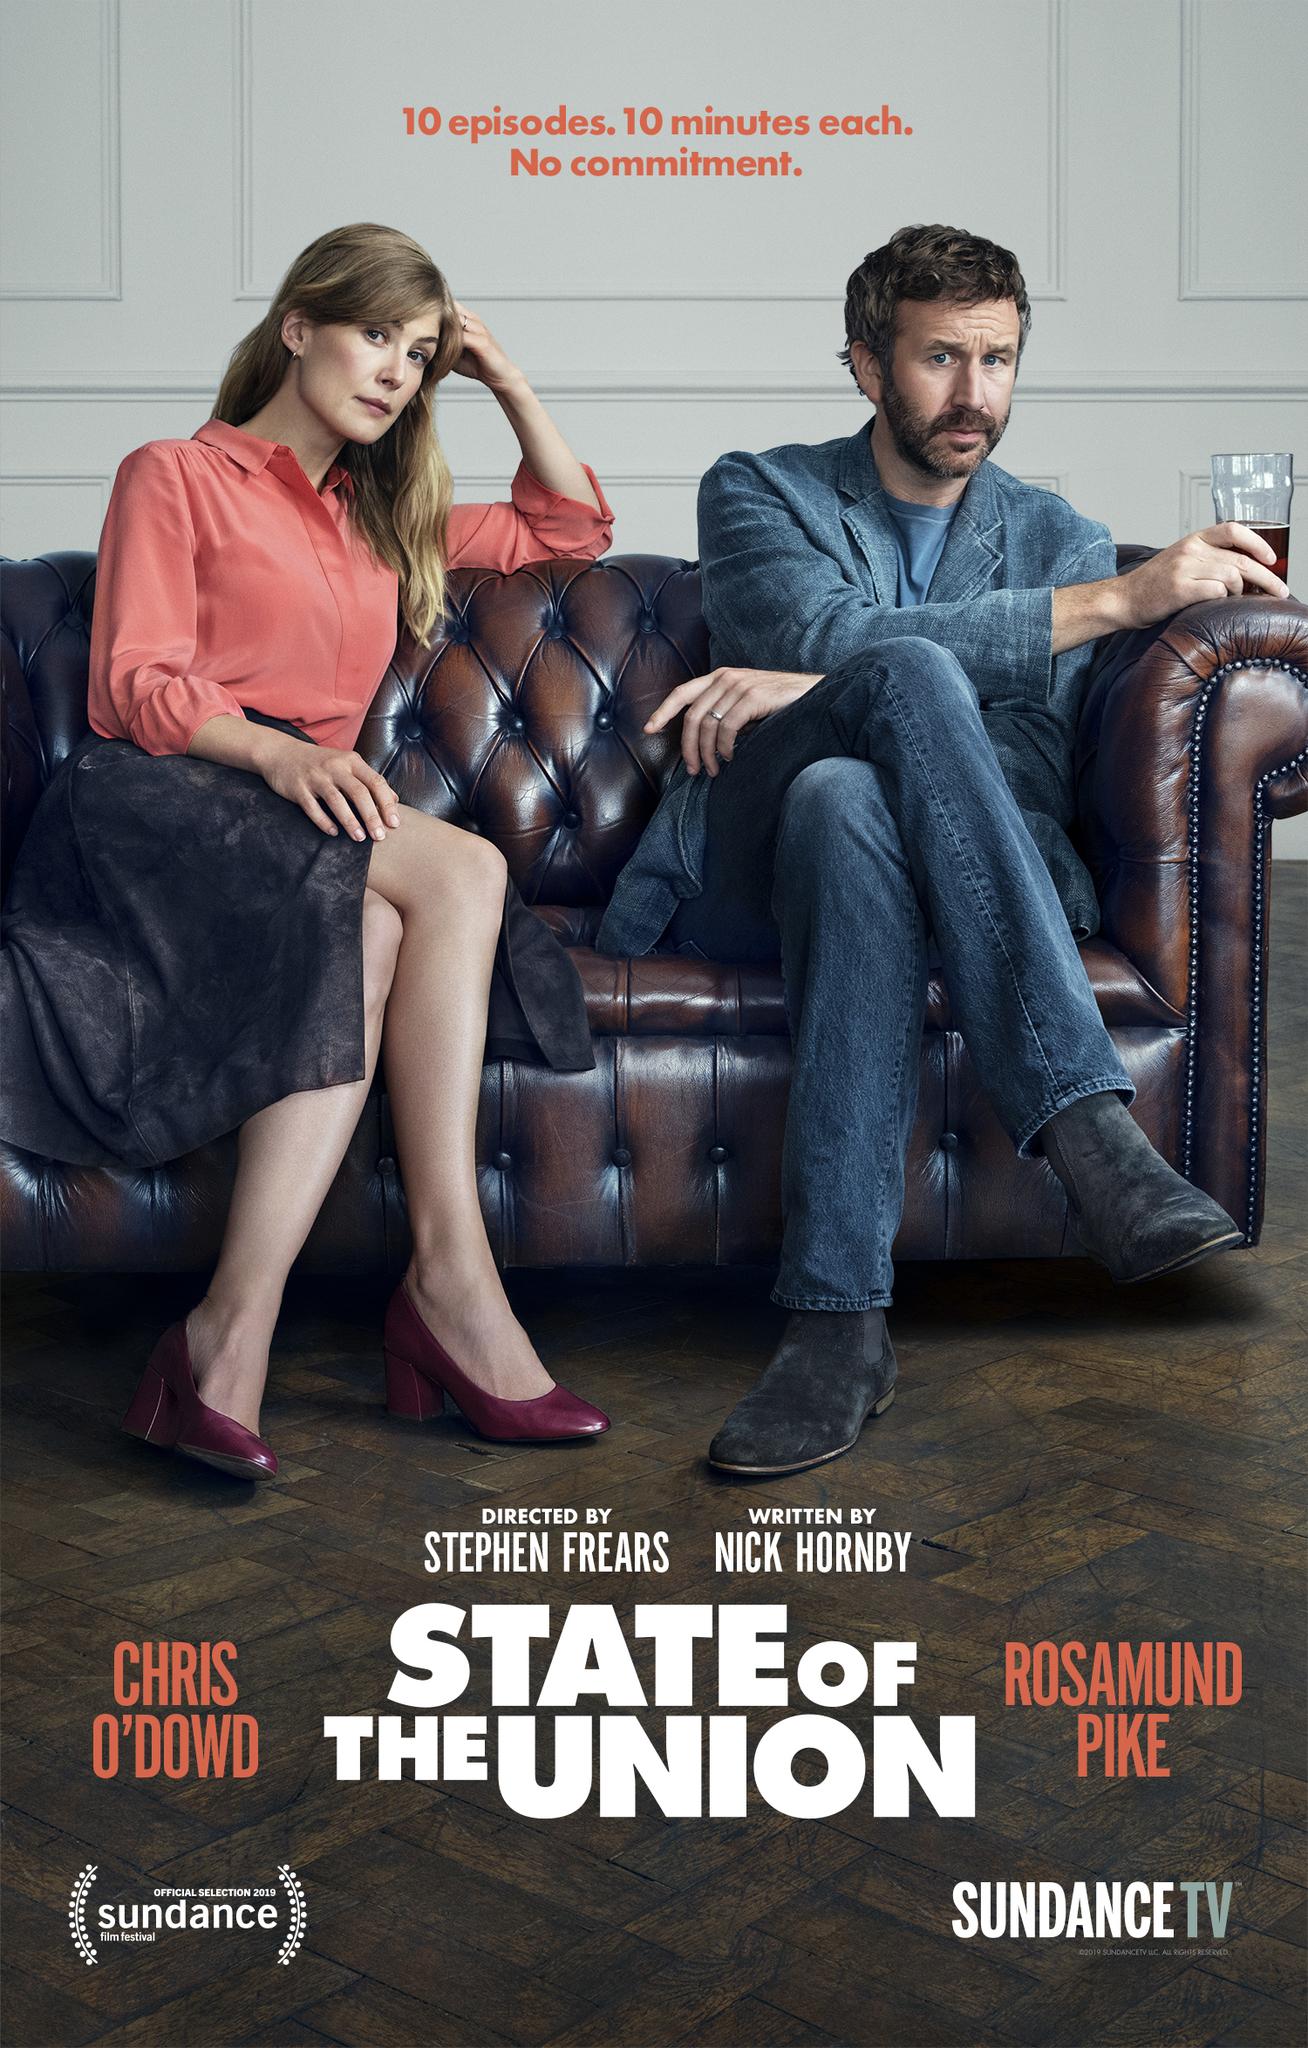 HBO series España (hache be o) - Página 11 MV5BMTEwNDc2Nzg3ODFeQTJeQWpwZ15BbWU4MDc3Mzc2NTcz._V1_